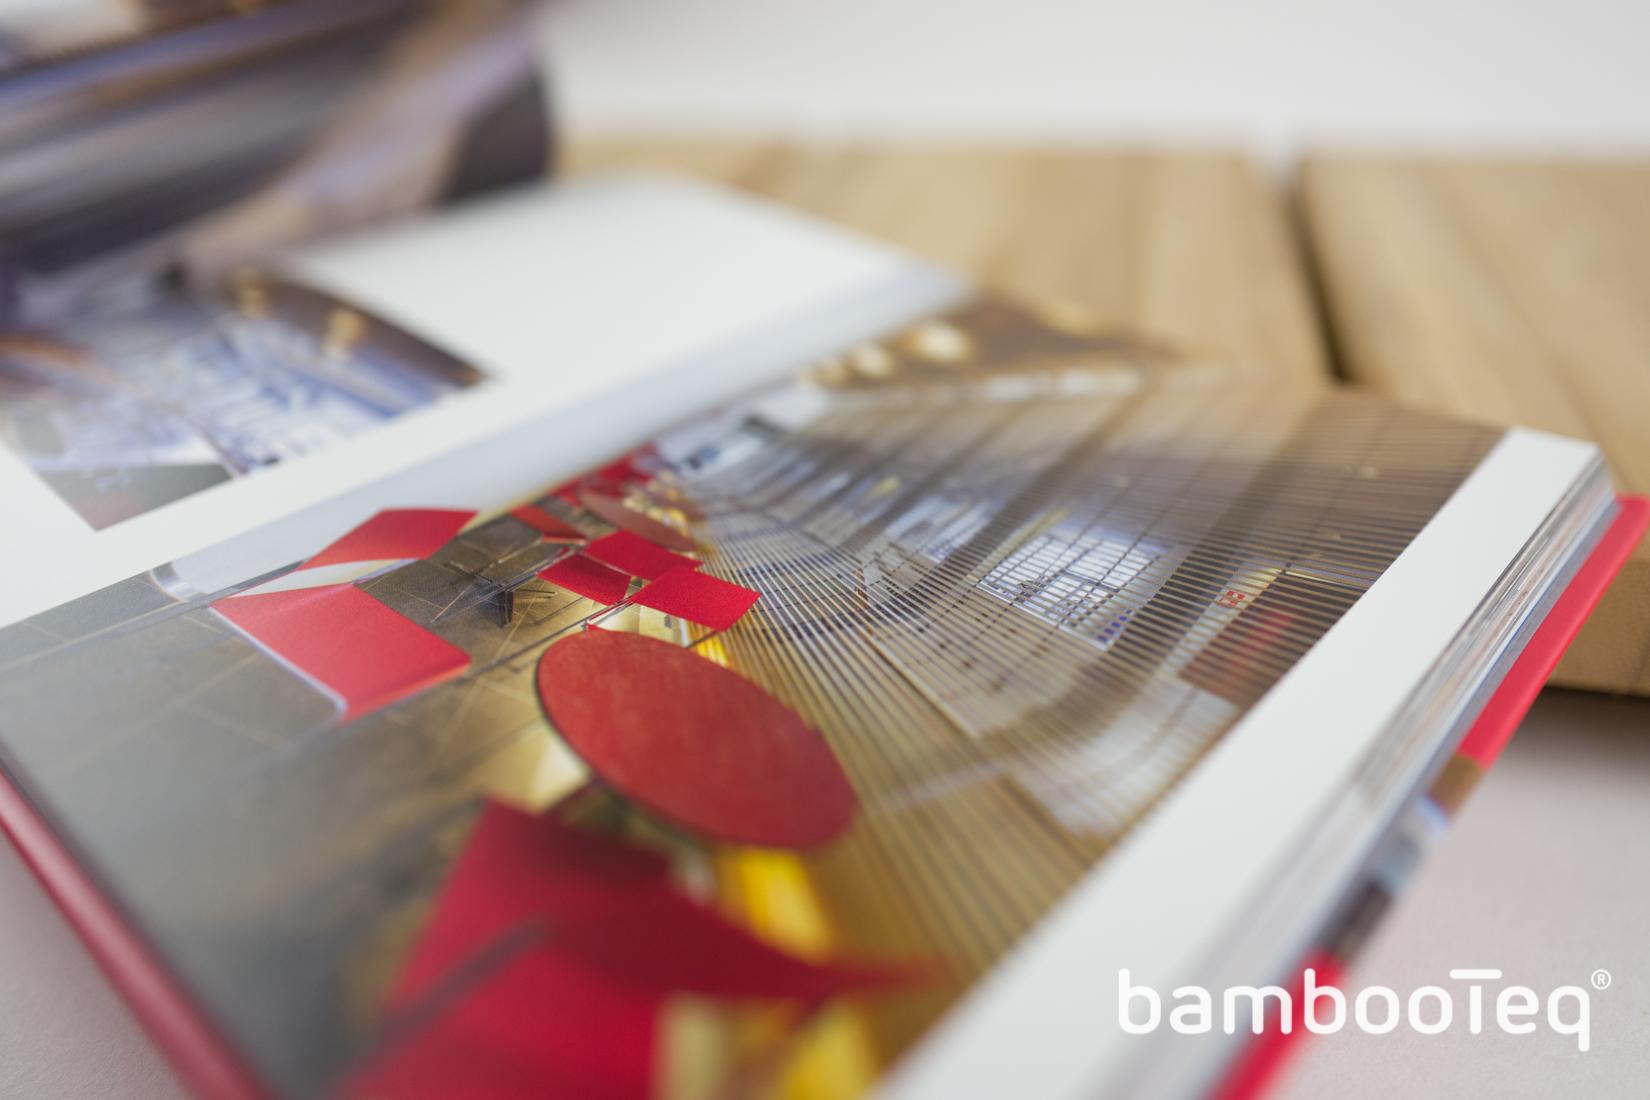 Derako plafond- en gevelsystemen voor BambooTeq